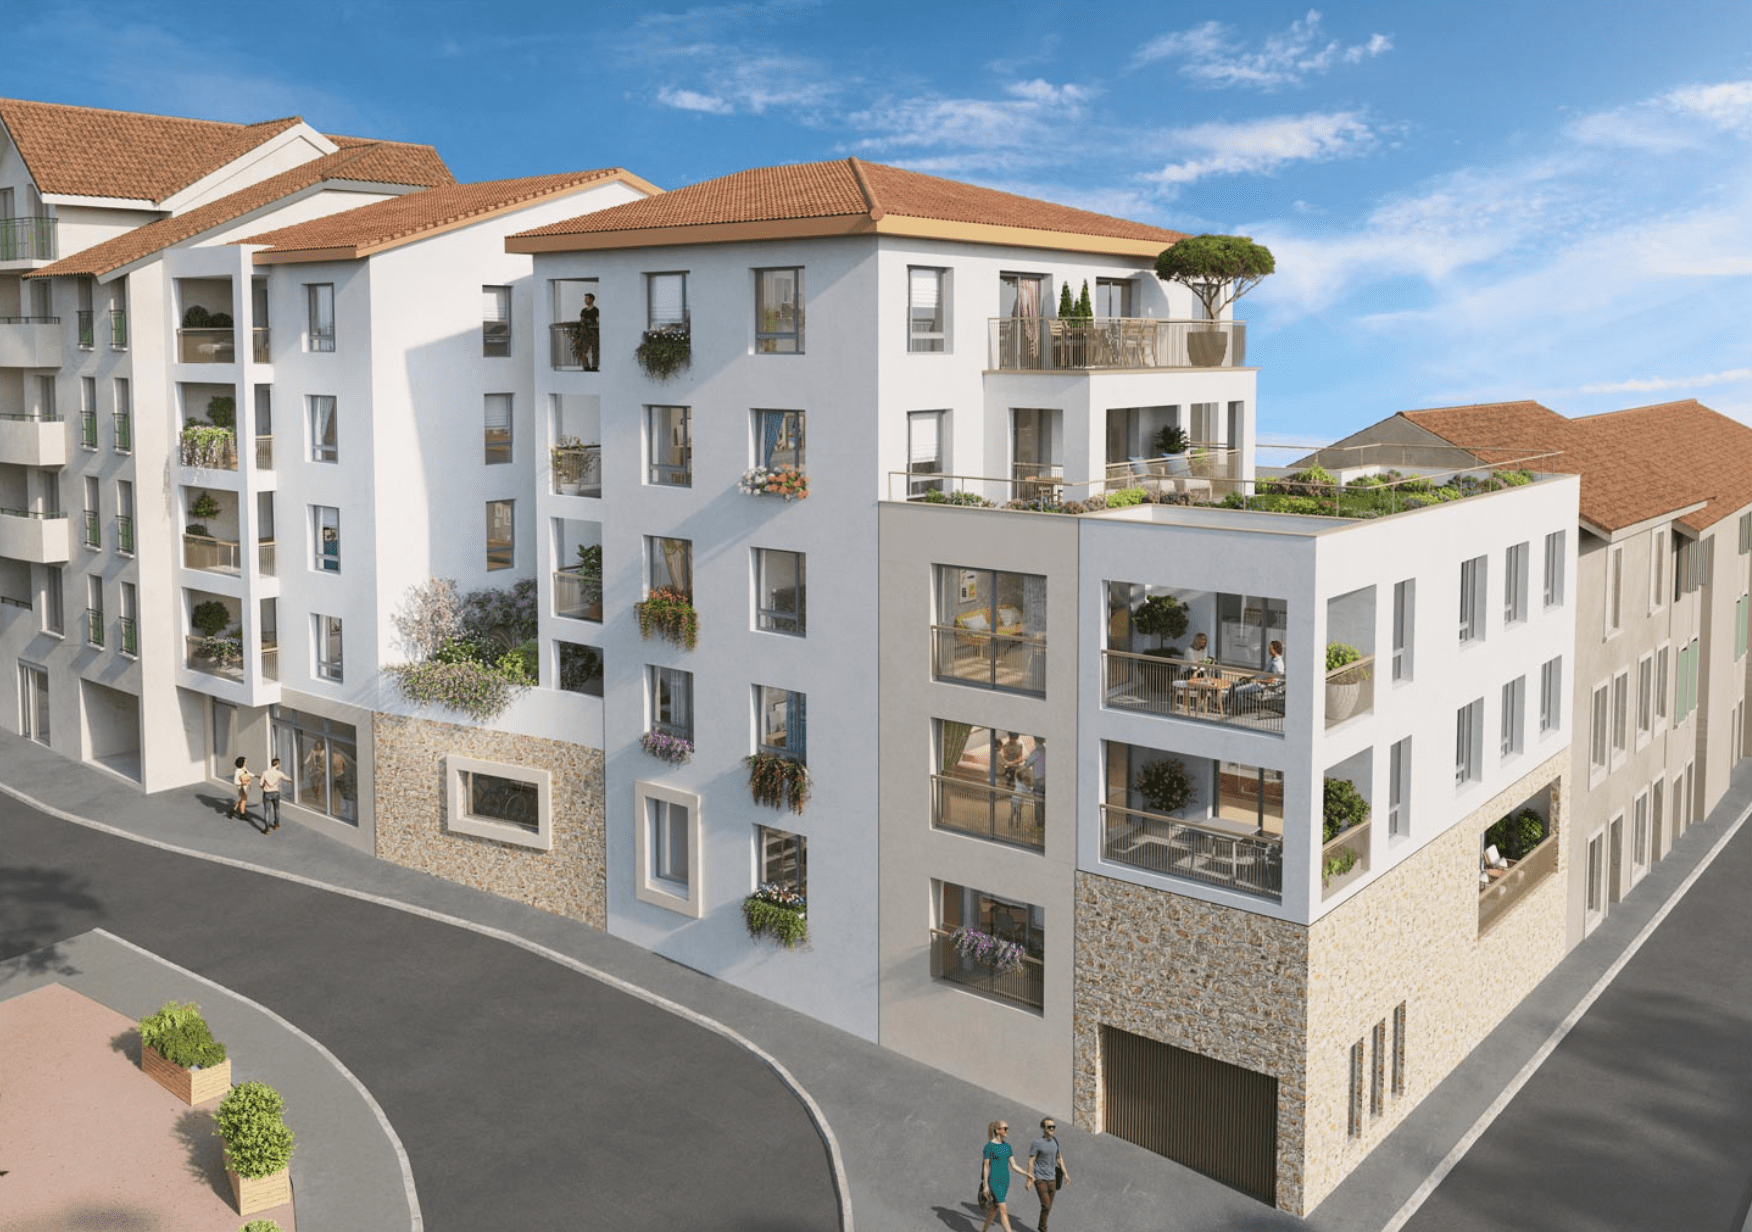 Programme immobilier KAB32 appartement à Bourgoin-Jallieu (38300) Au cœur du quartier Pont Saint-Michel